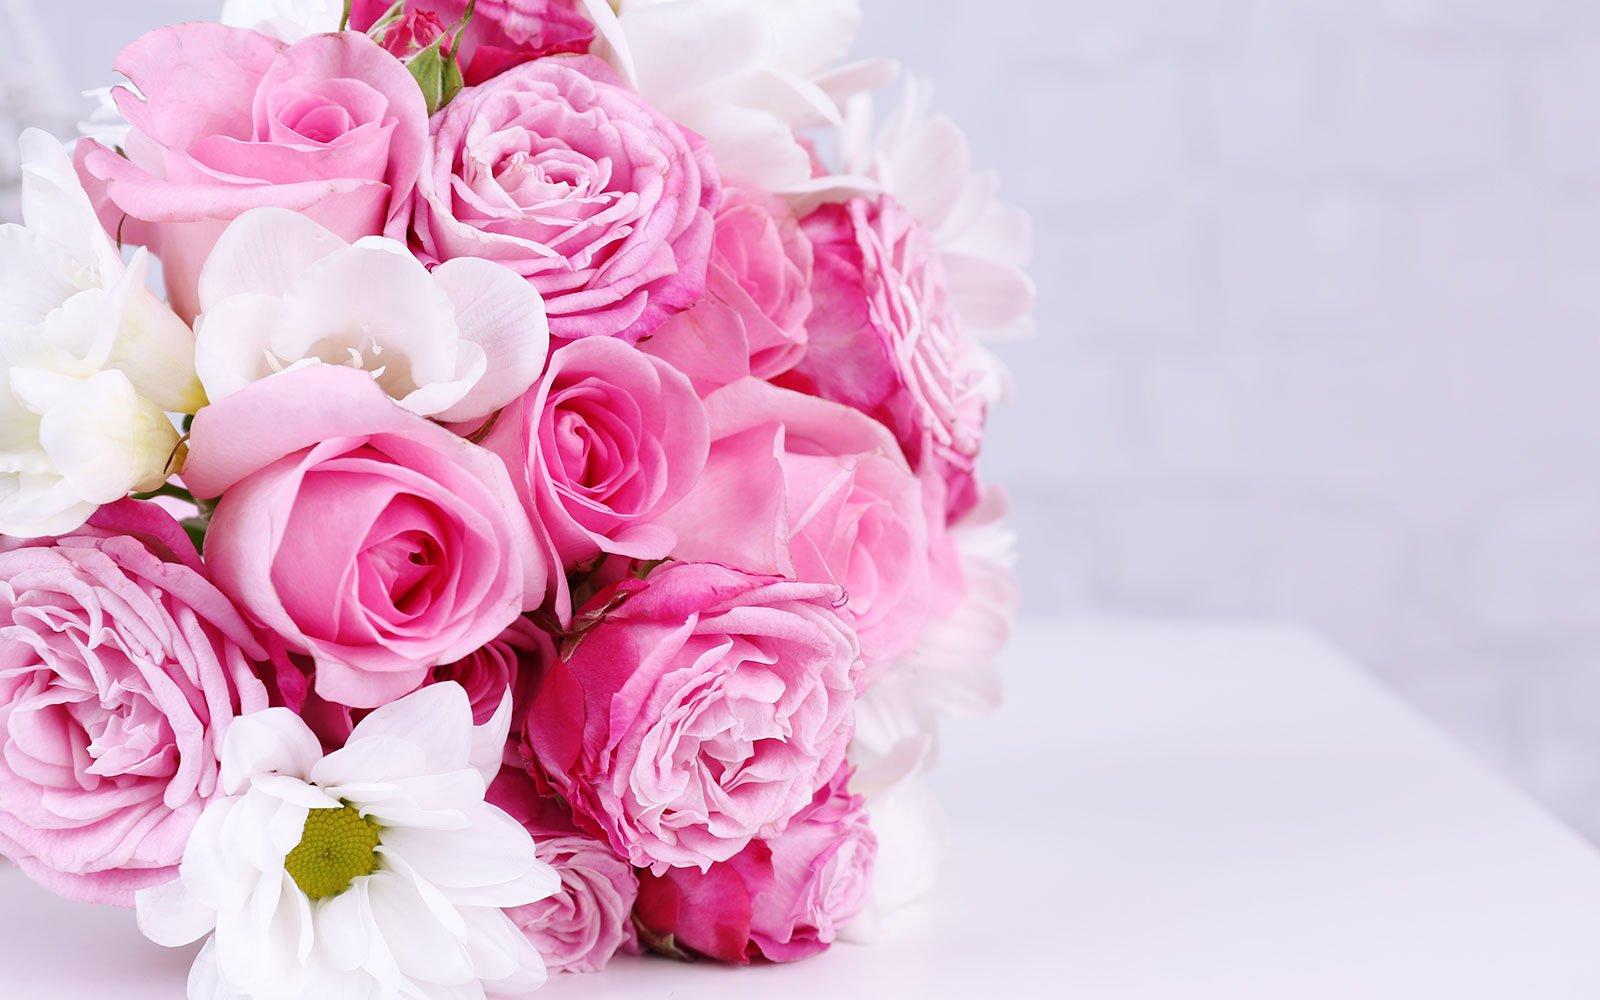 Delle rose di color rosa